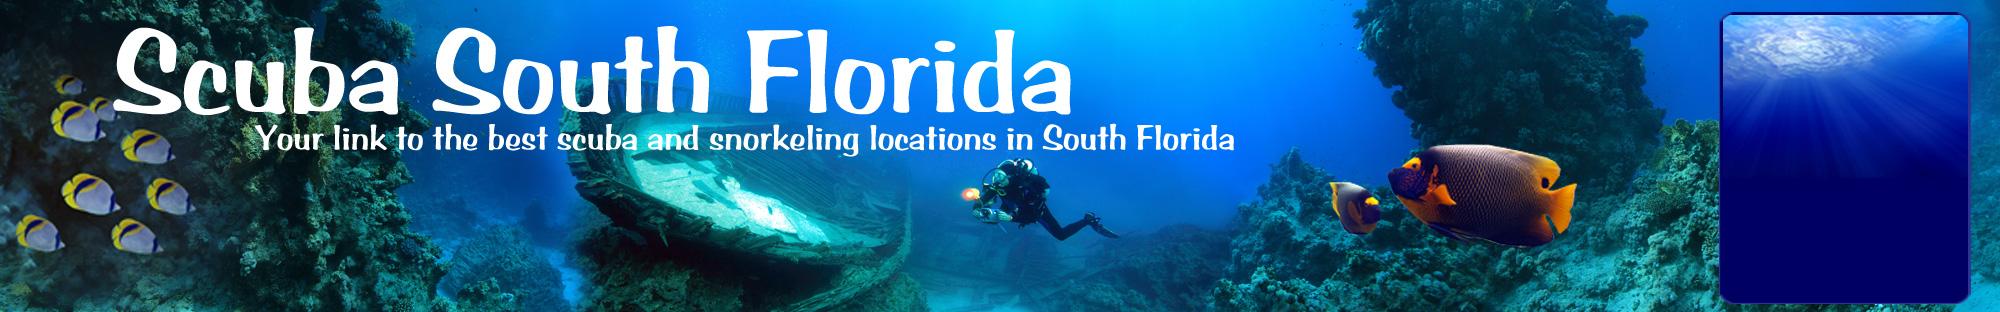 Scuba South Florida